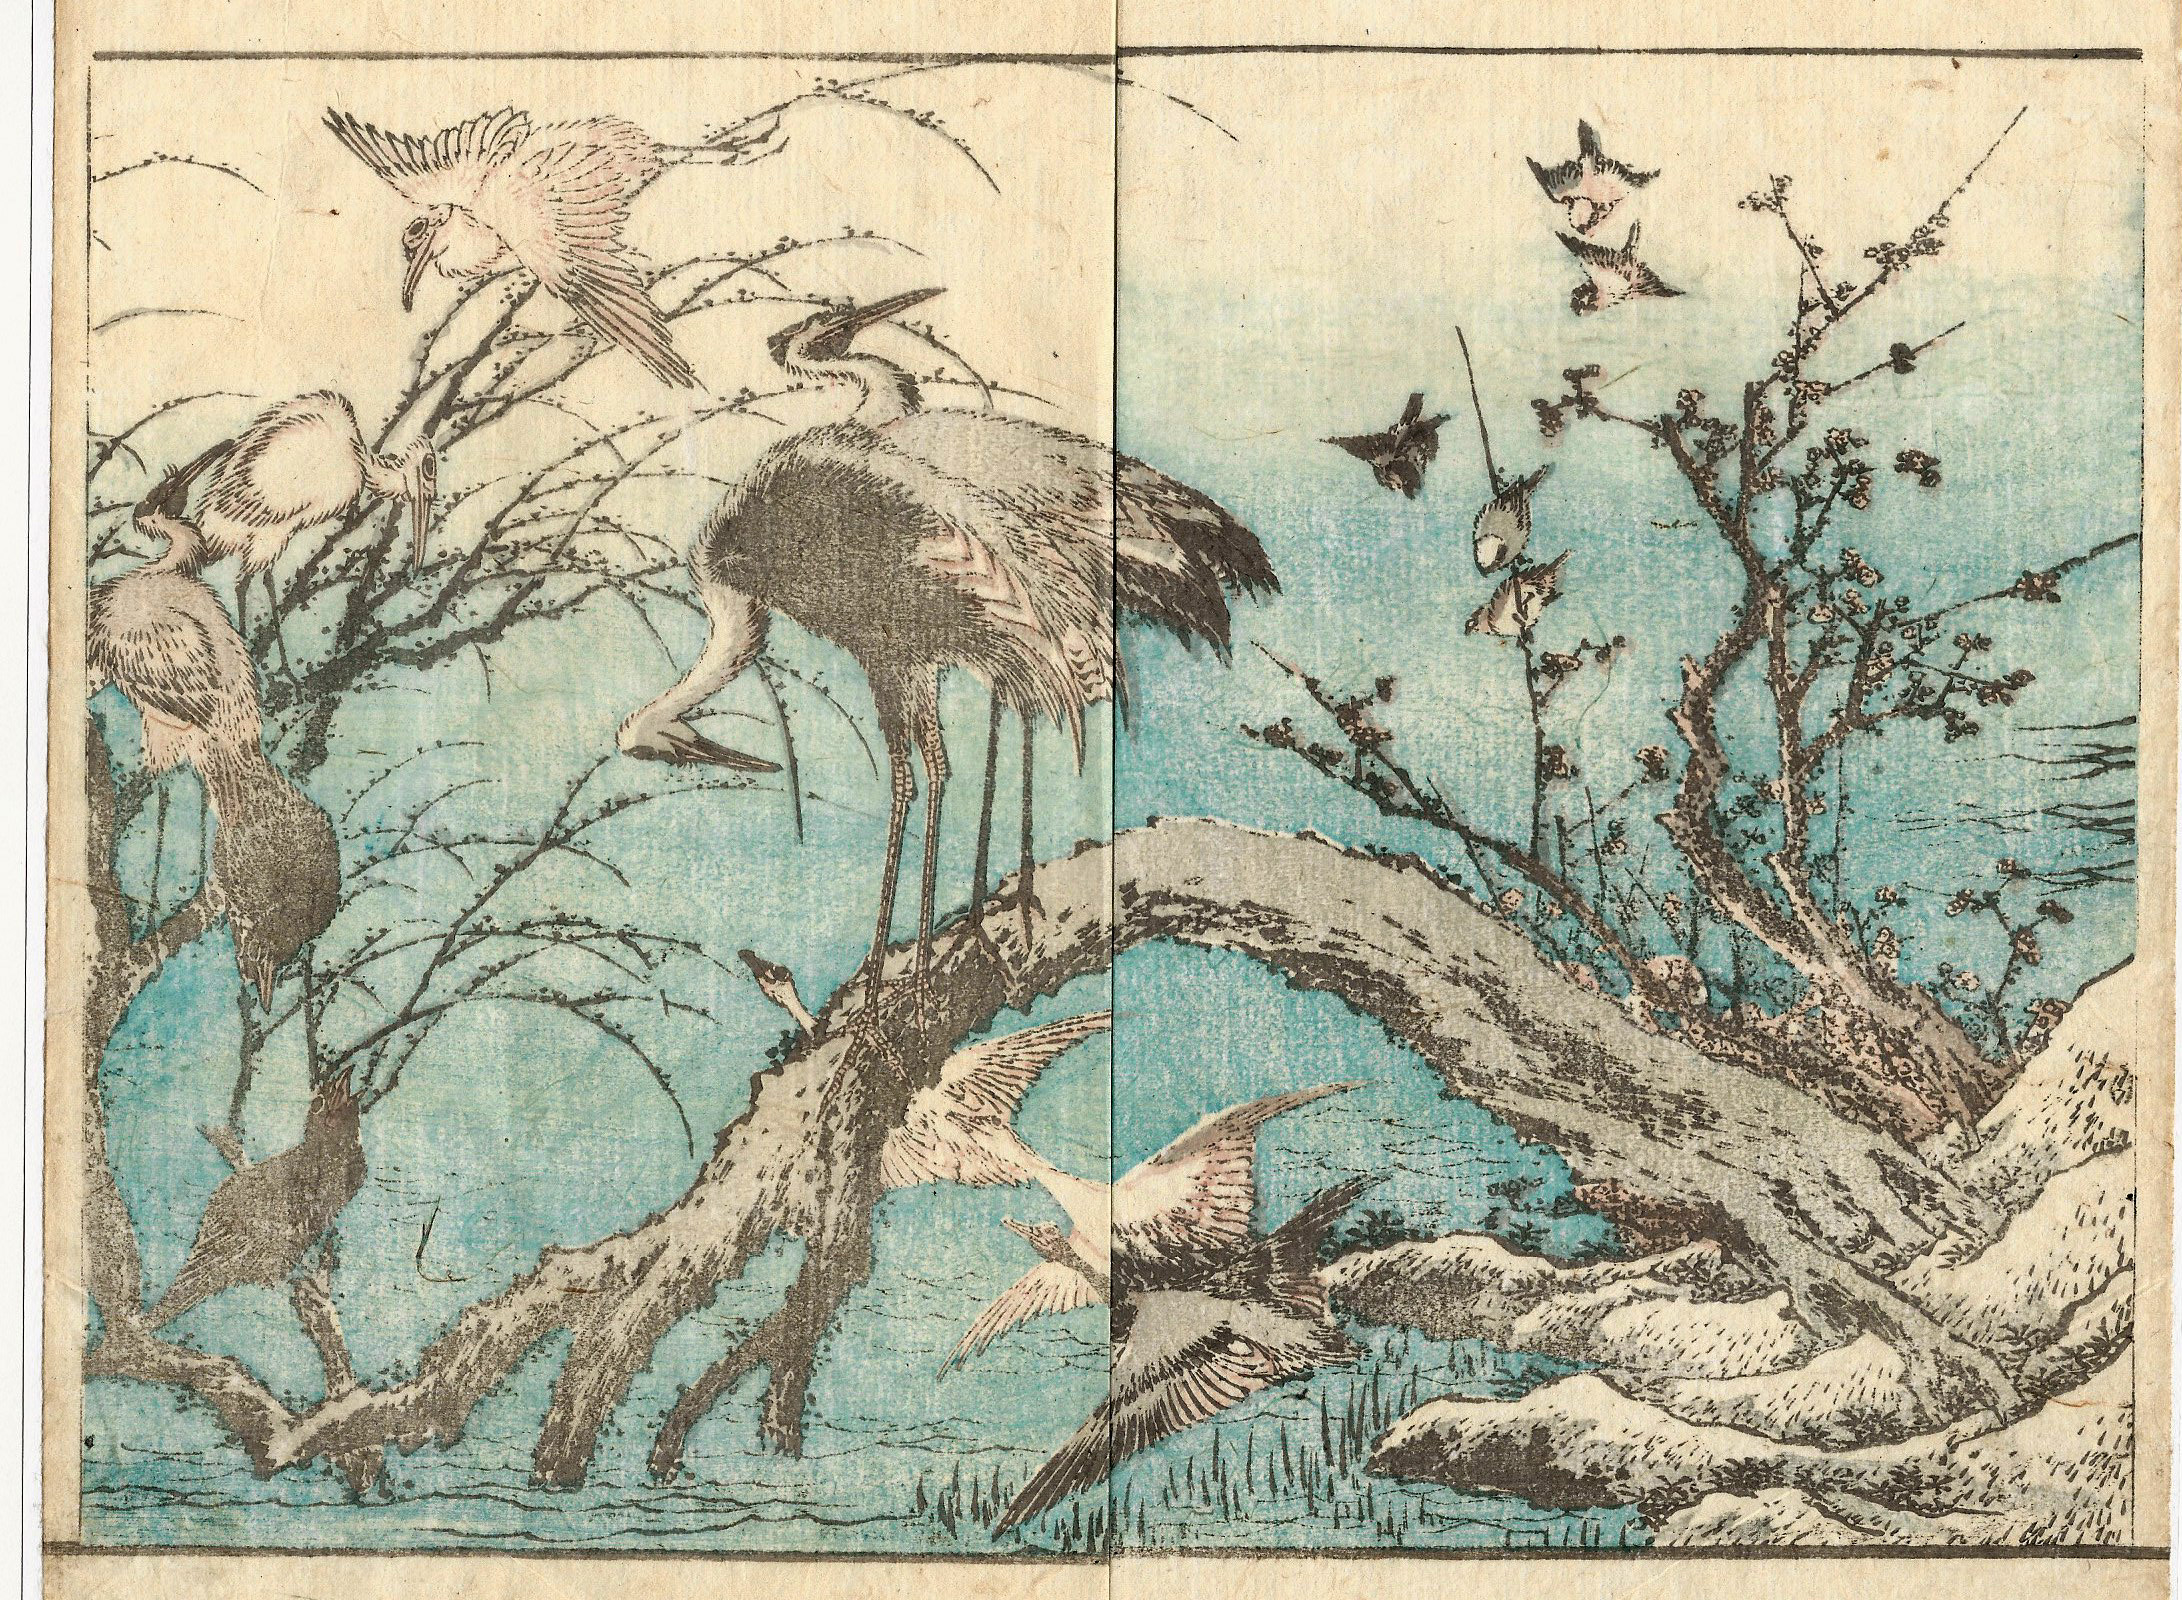 Katsushika HOKUSAI (Giappone, 1760 – 1849) – HOKUSAI Katsushika